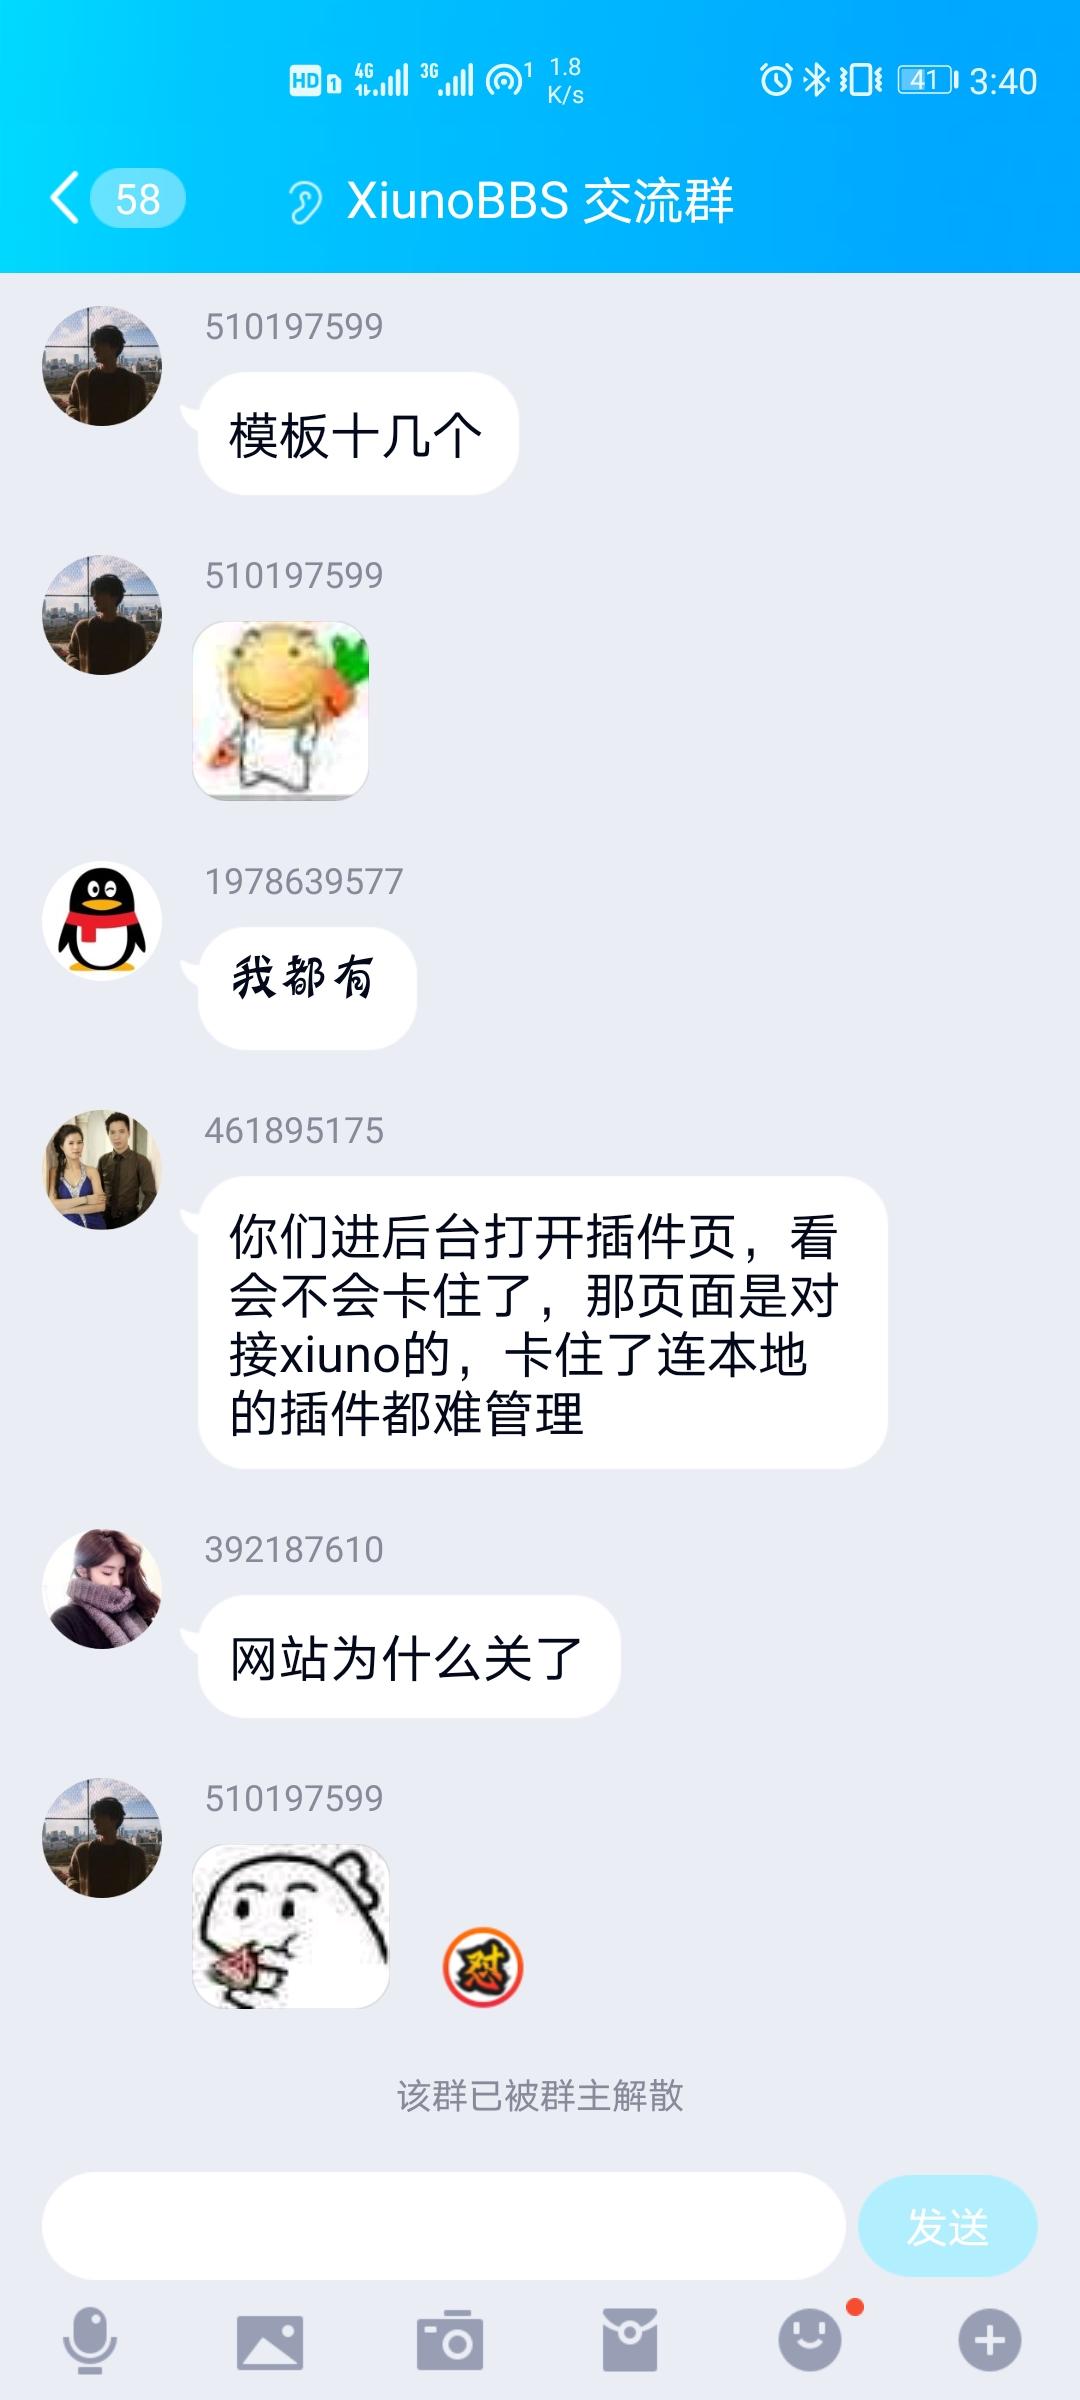 修罗XiunoBBS论坛关闭,具体原因不详 第1张